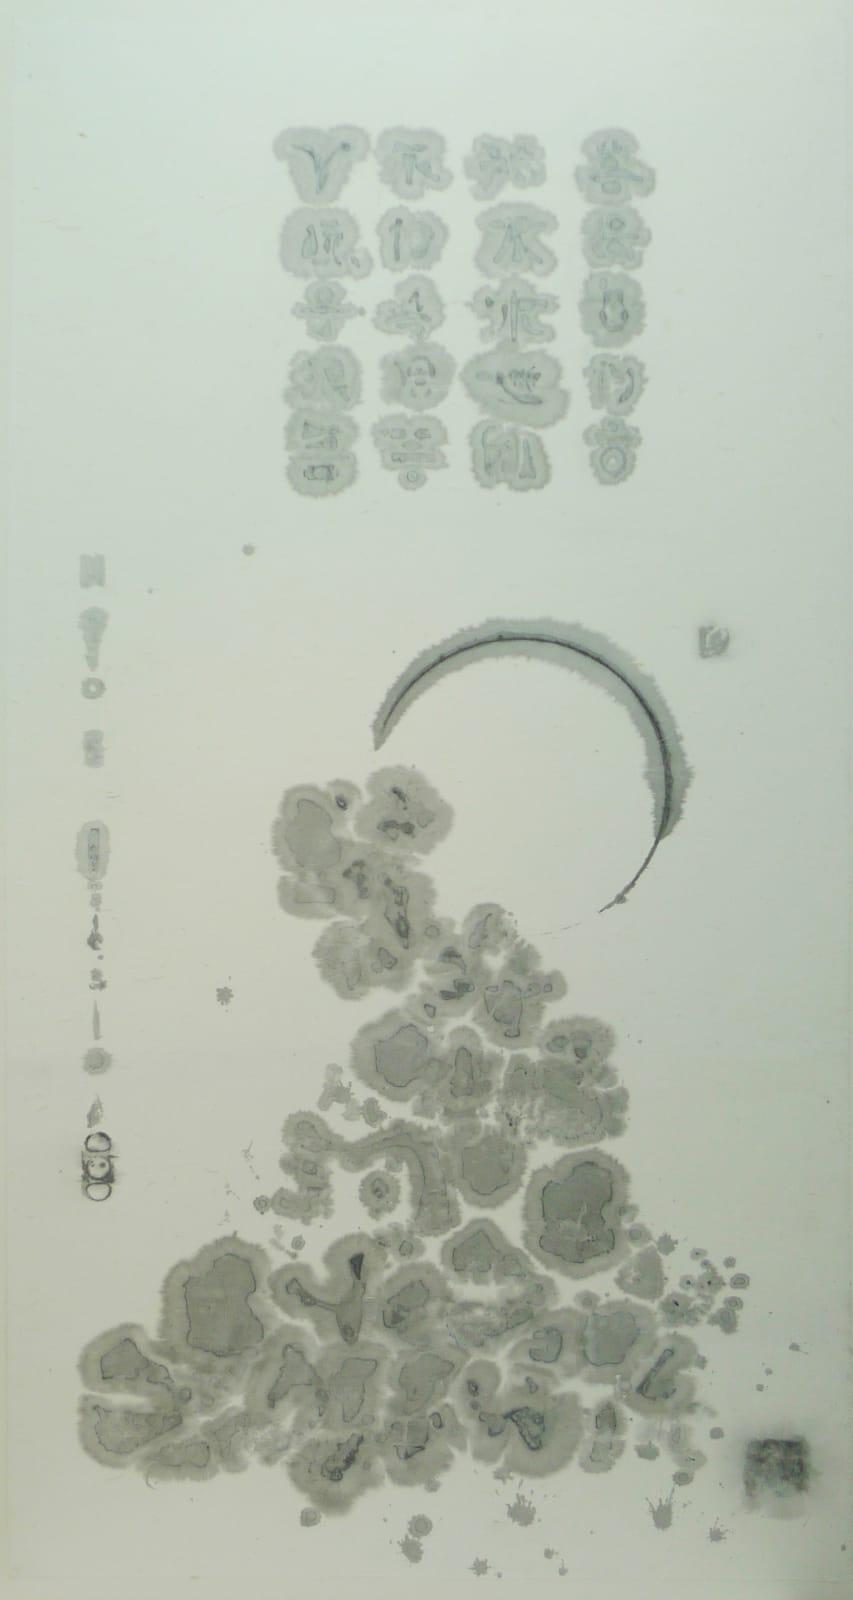 Shi Jinsong 史金淞, Bai Na Tu No. 1 百衲圖之一, 2014